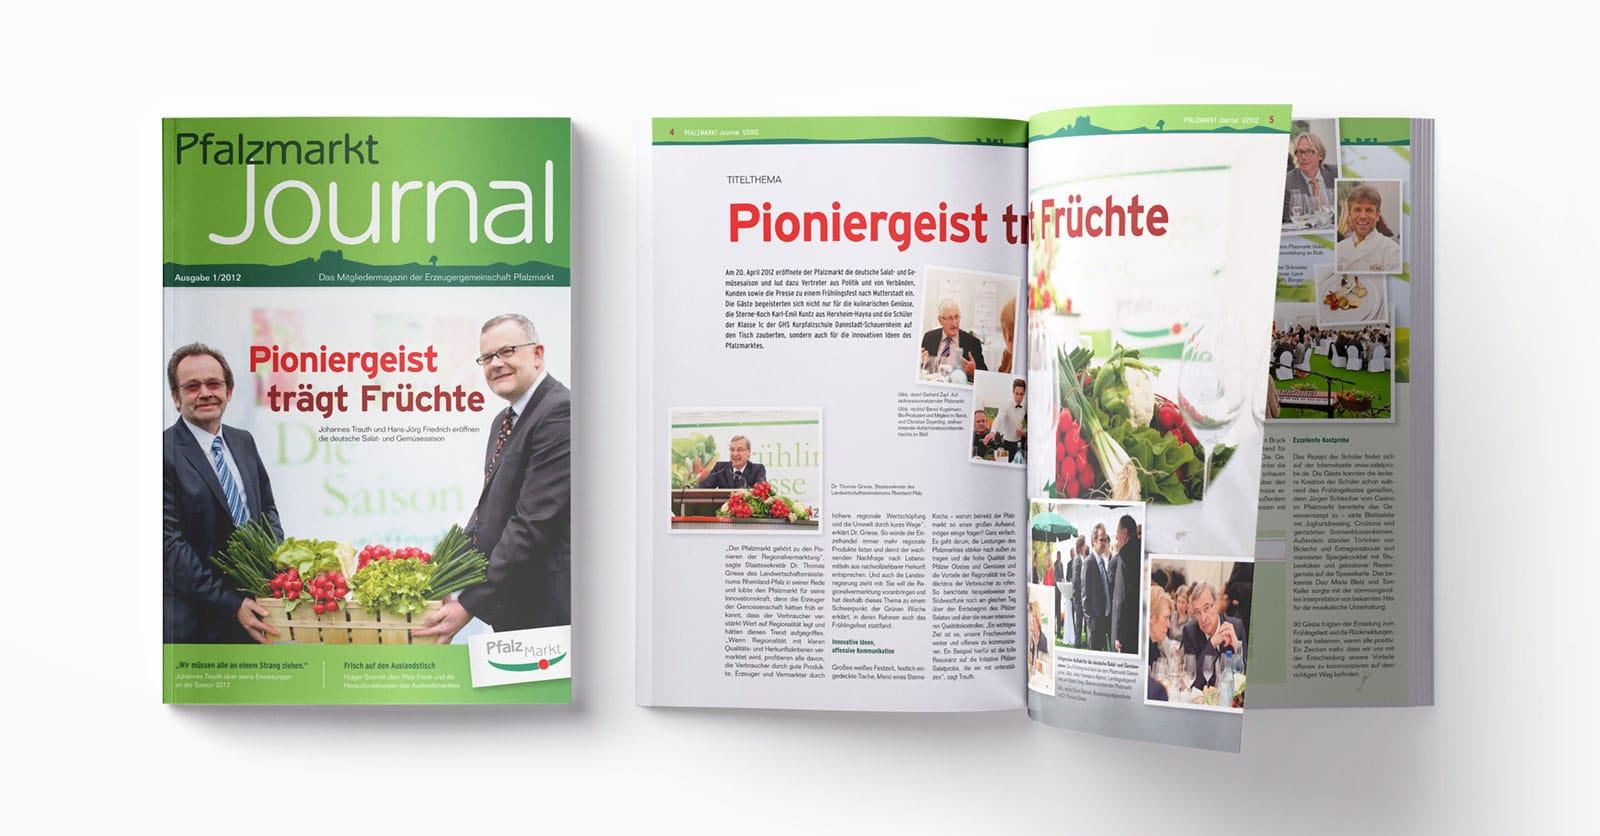 Pfalzmarkt Journal Ausgabe 1-2012